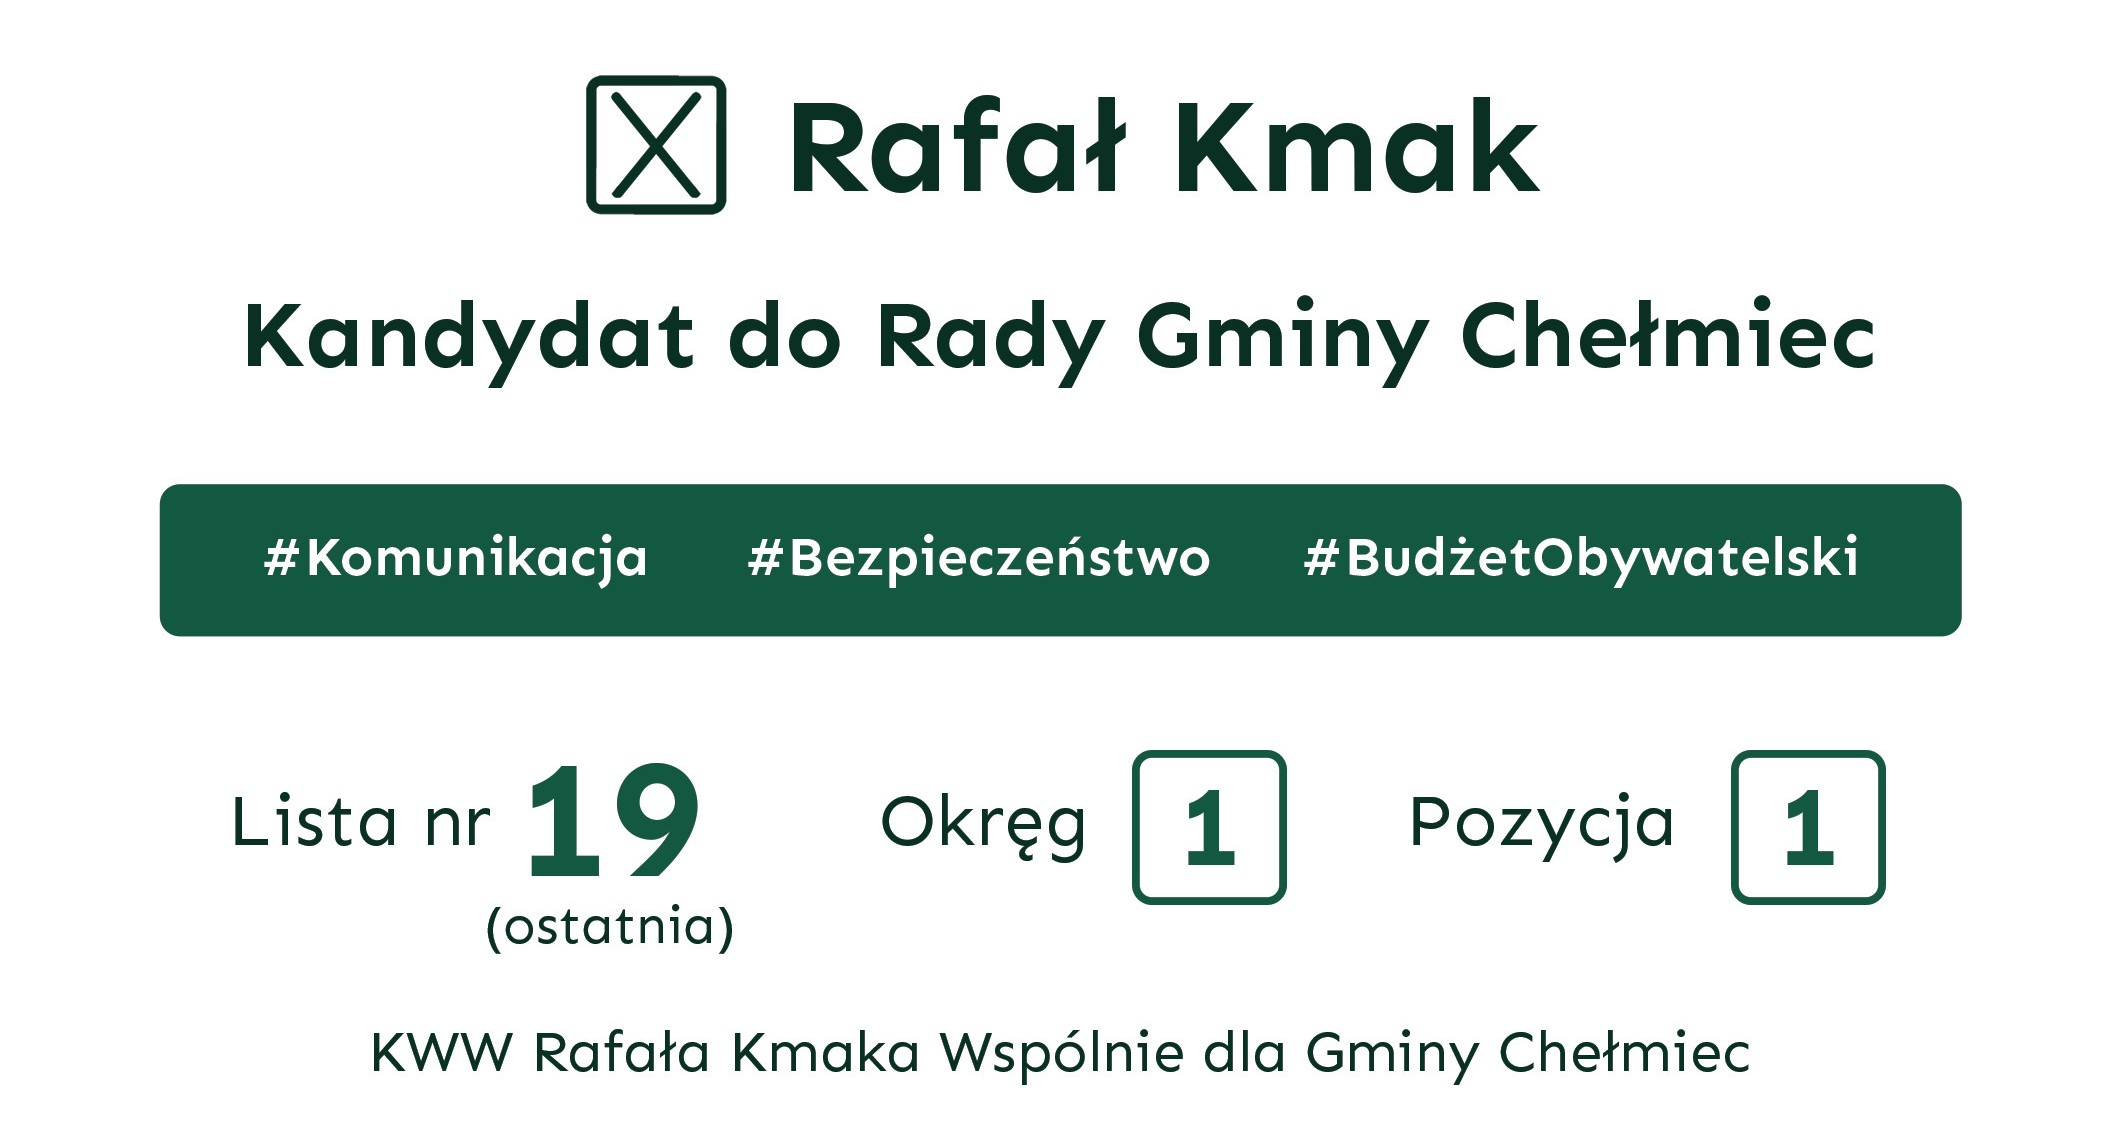 Rafał Kmak kandyduje również do Rady Gminy Chełmiec